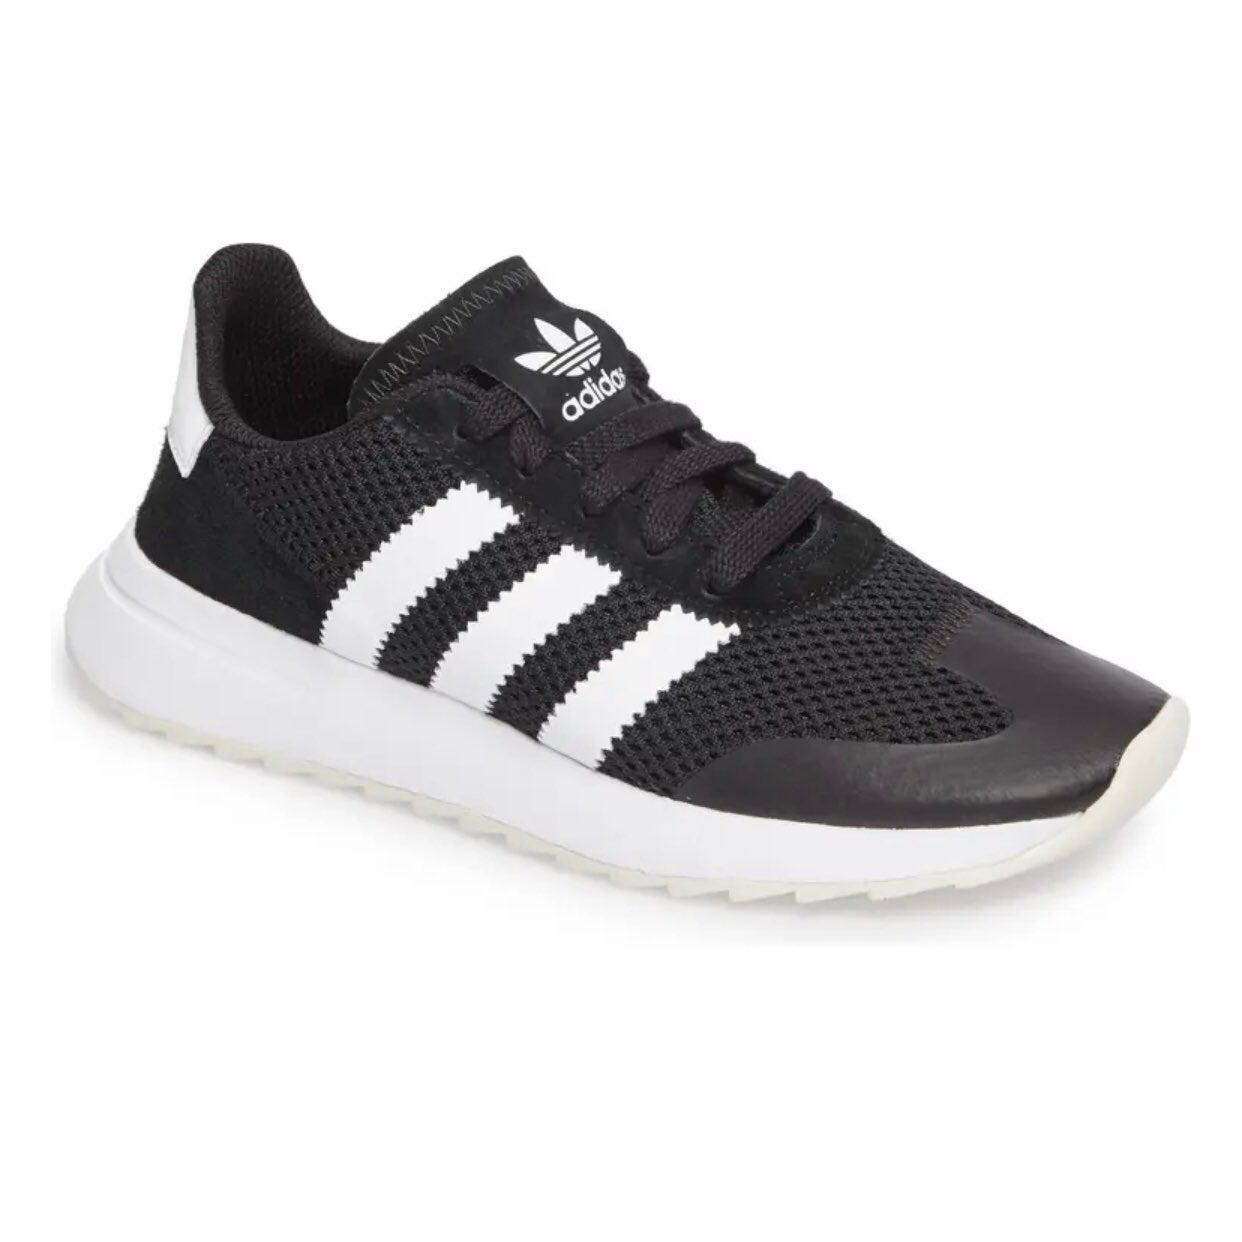 Adidas Flashback Athletic Shoes | Mercari